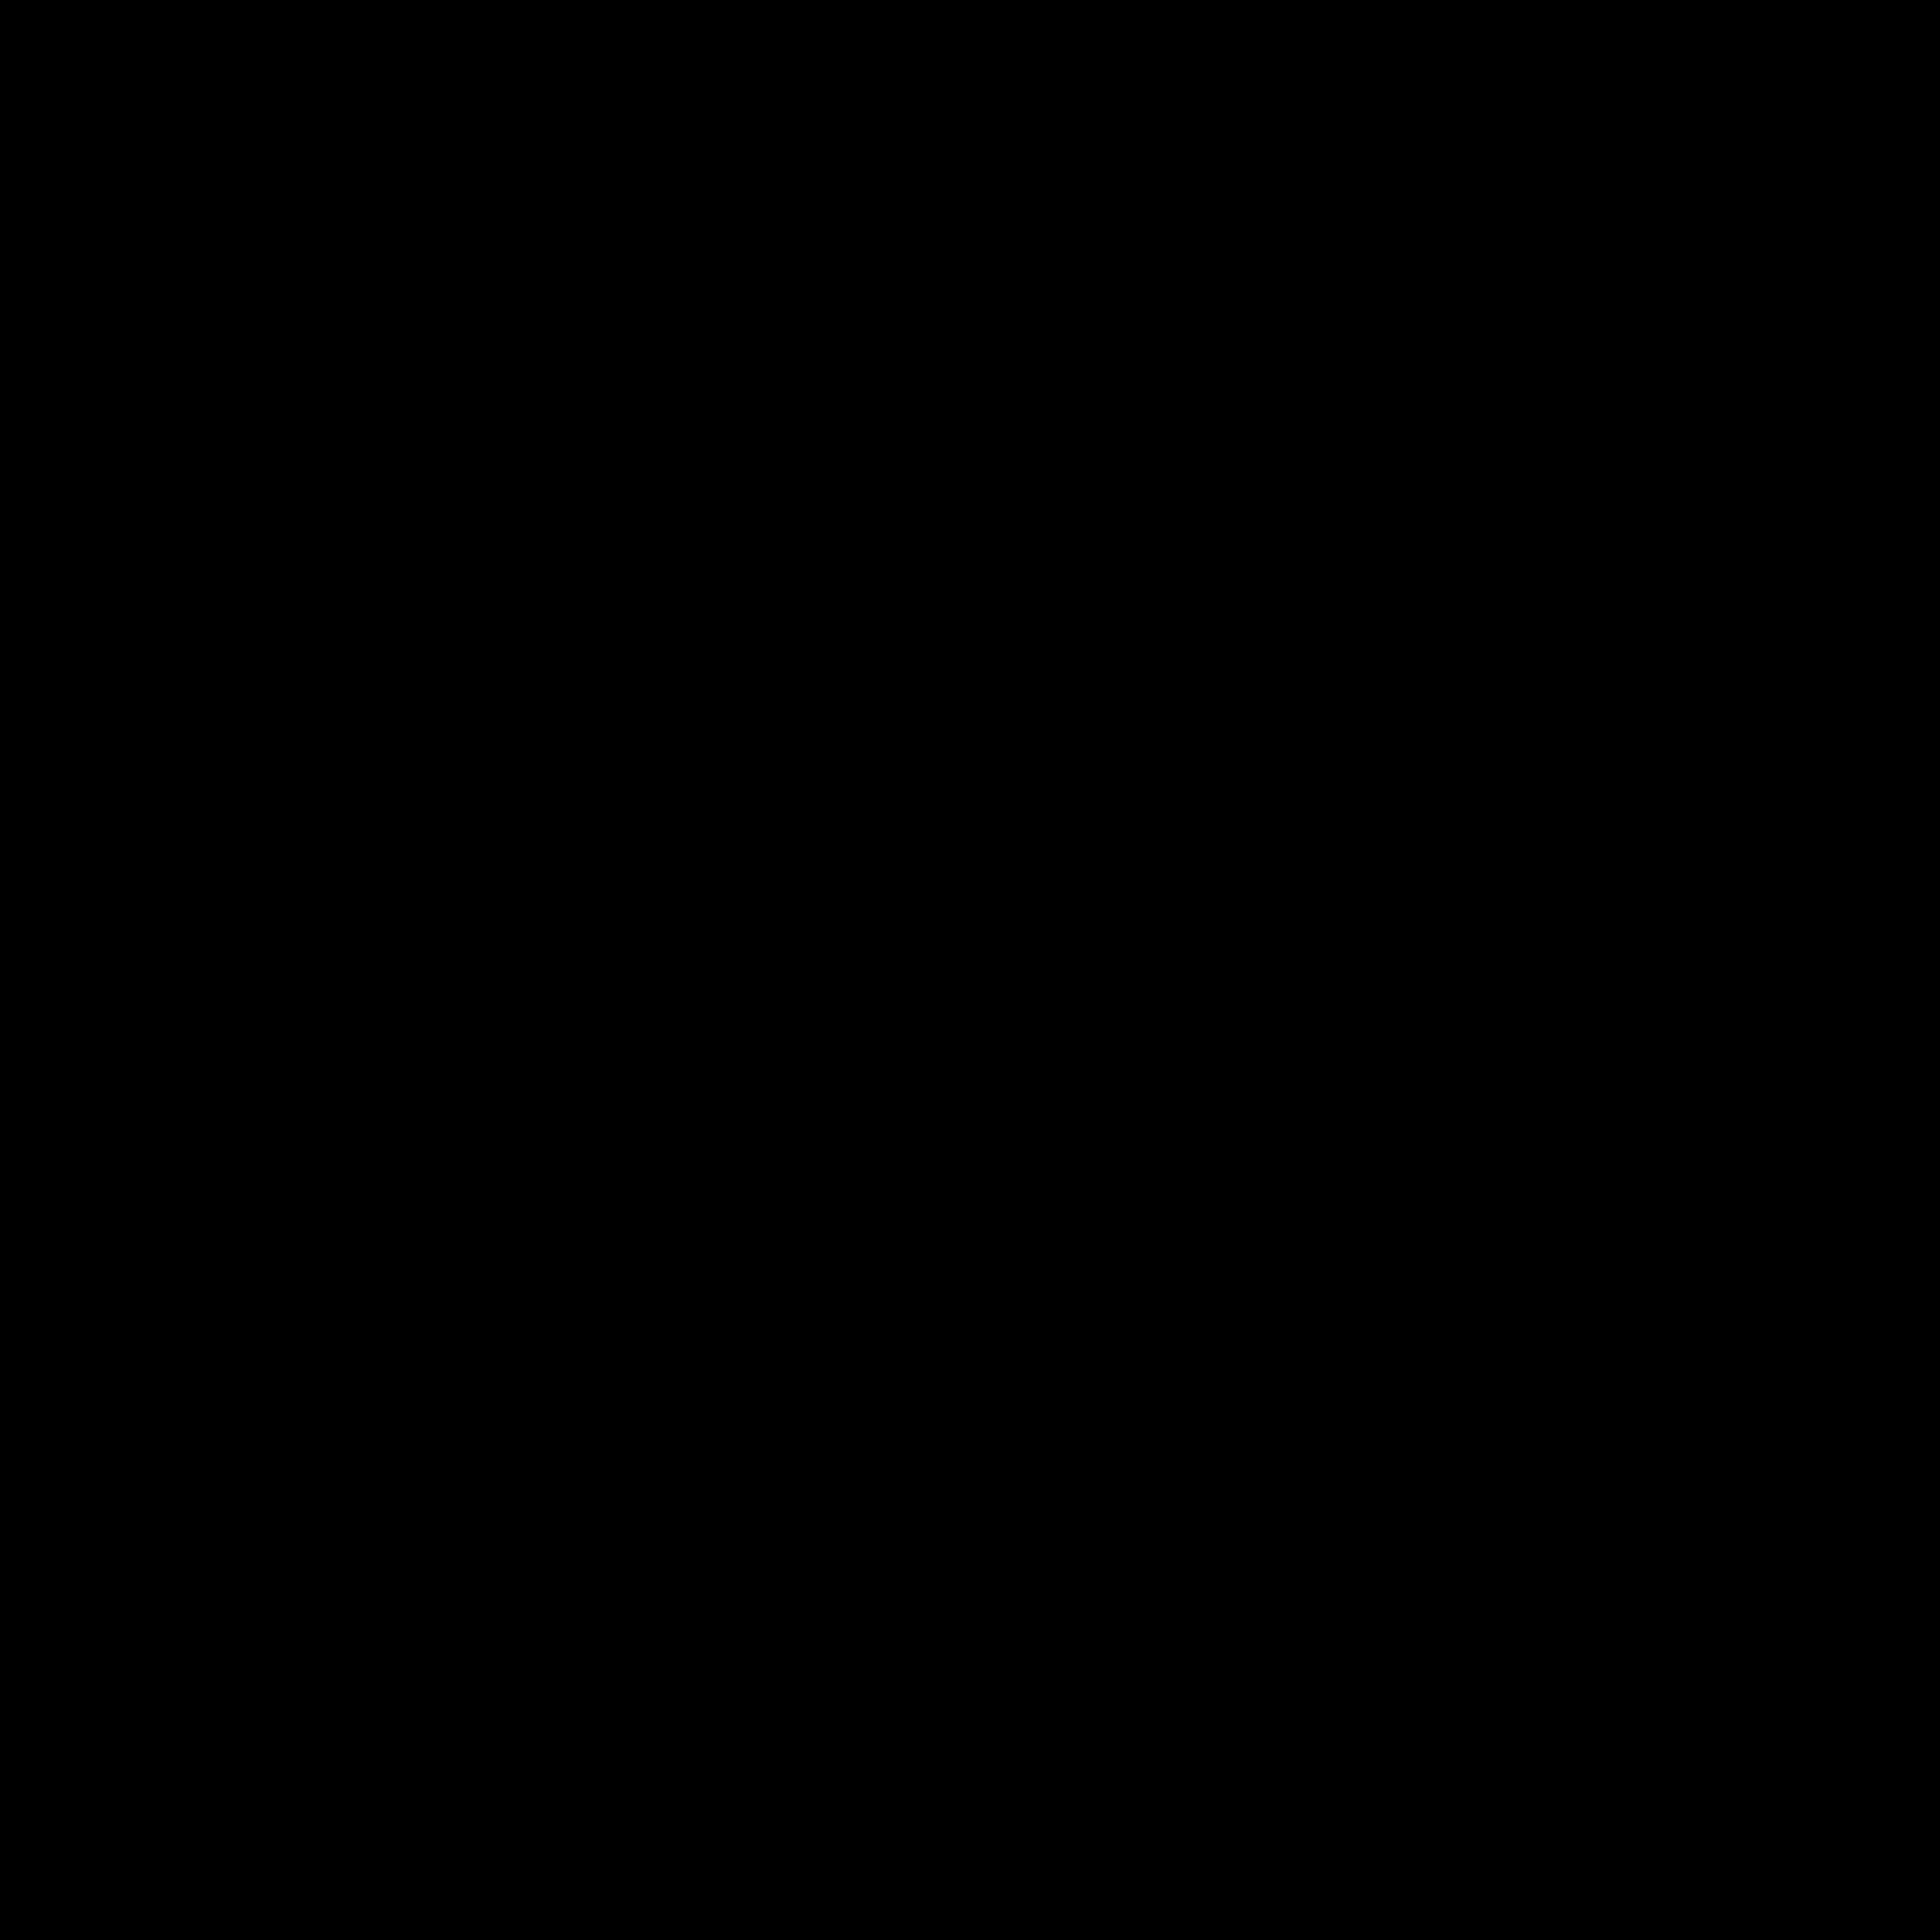 Twisters Gymnastics Club